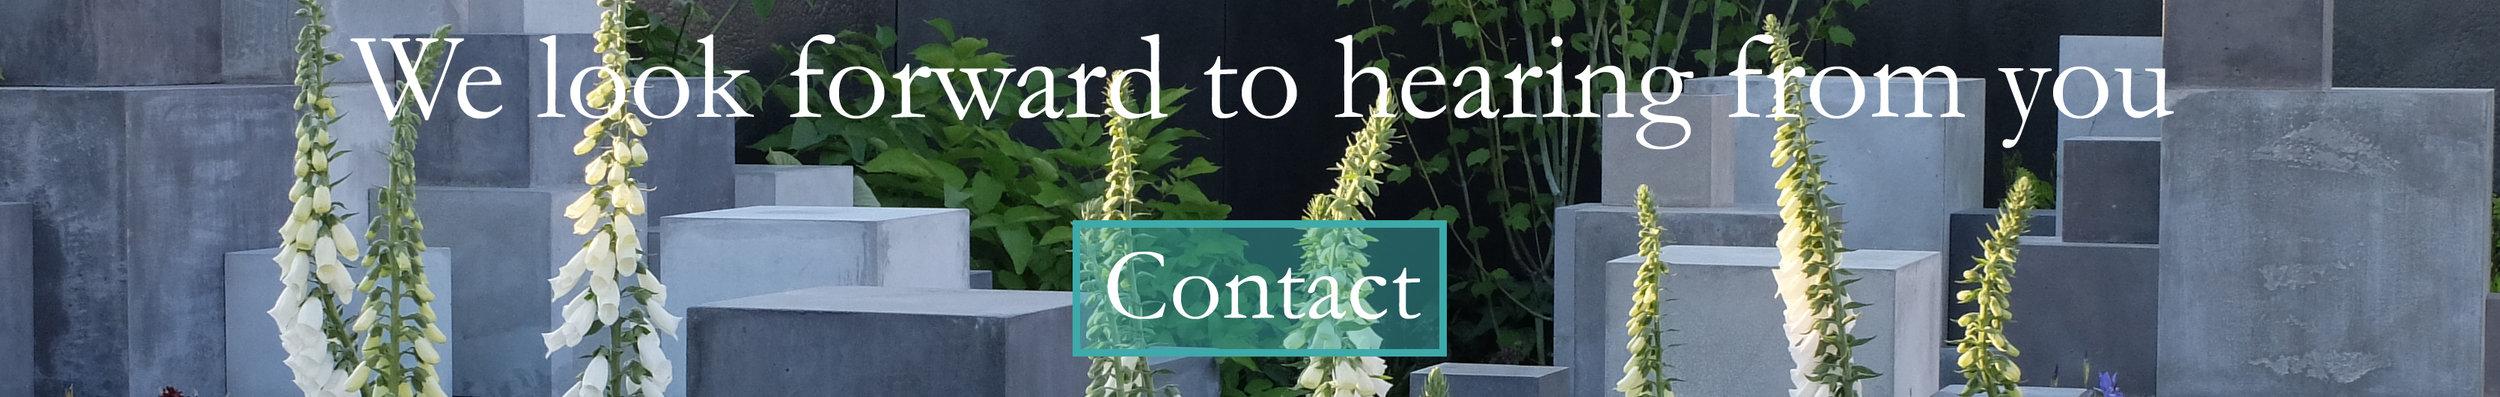 contact us banner again.jpg